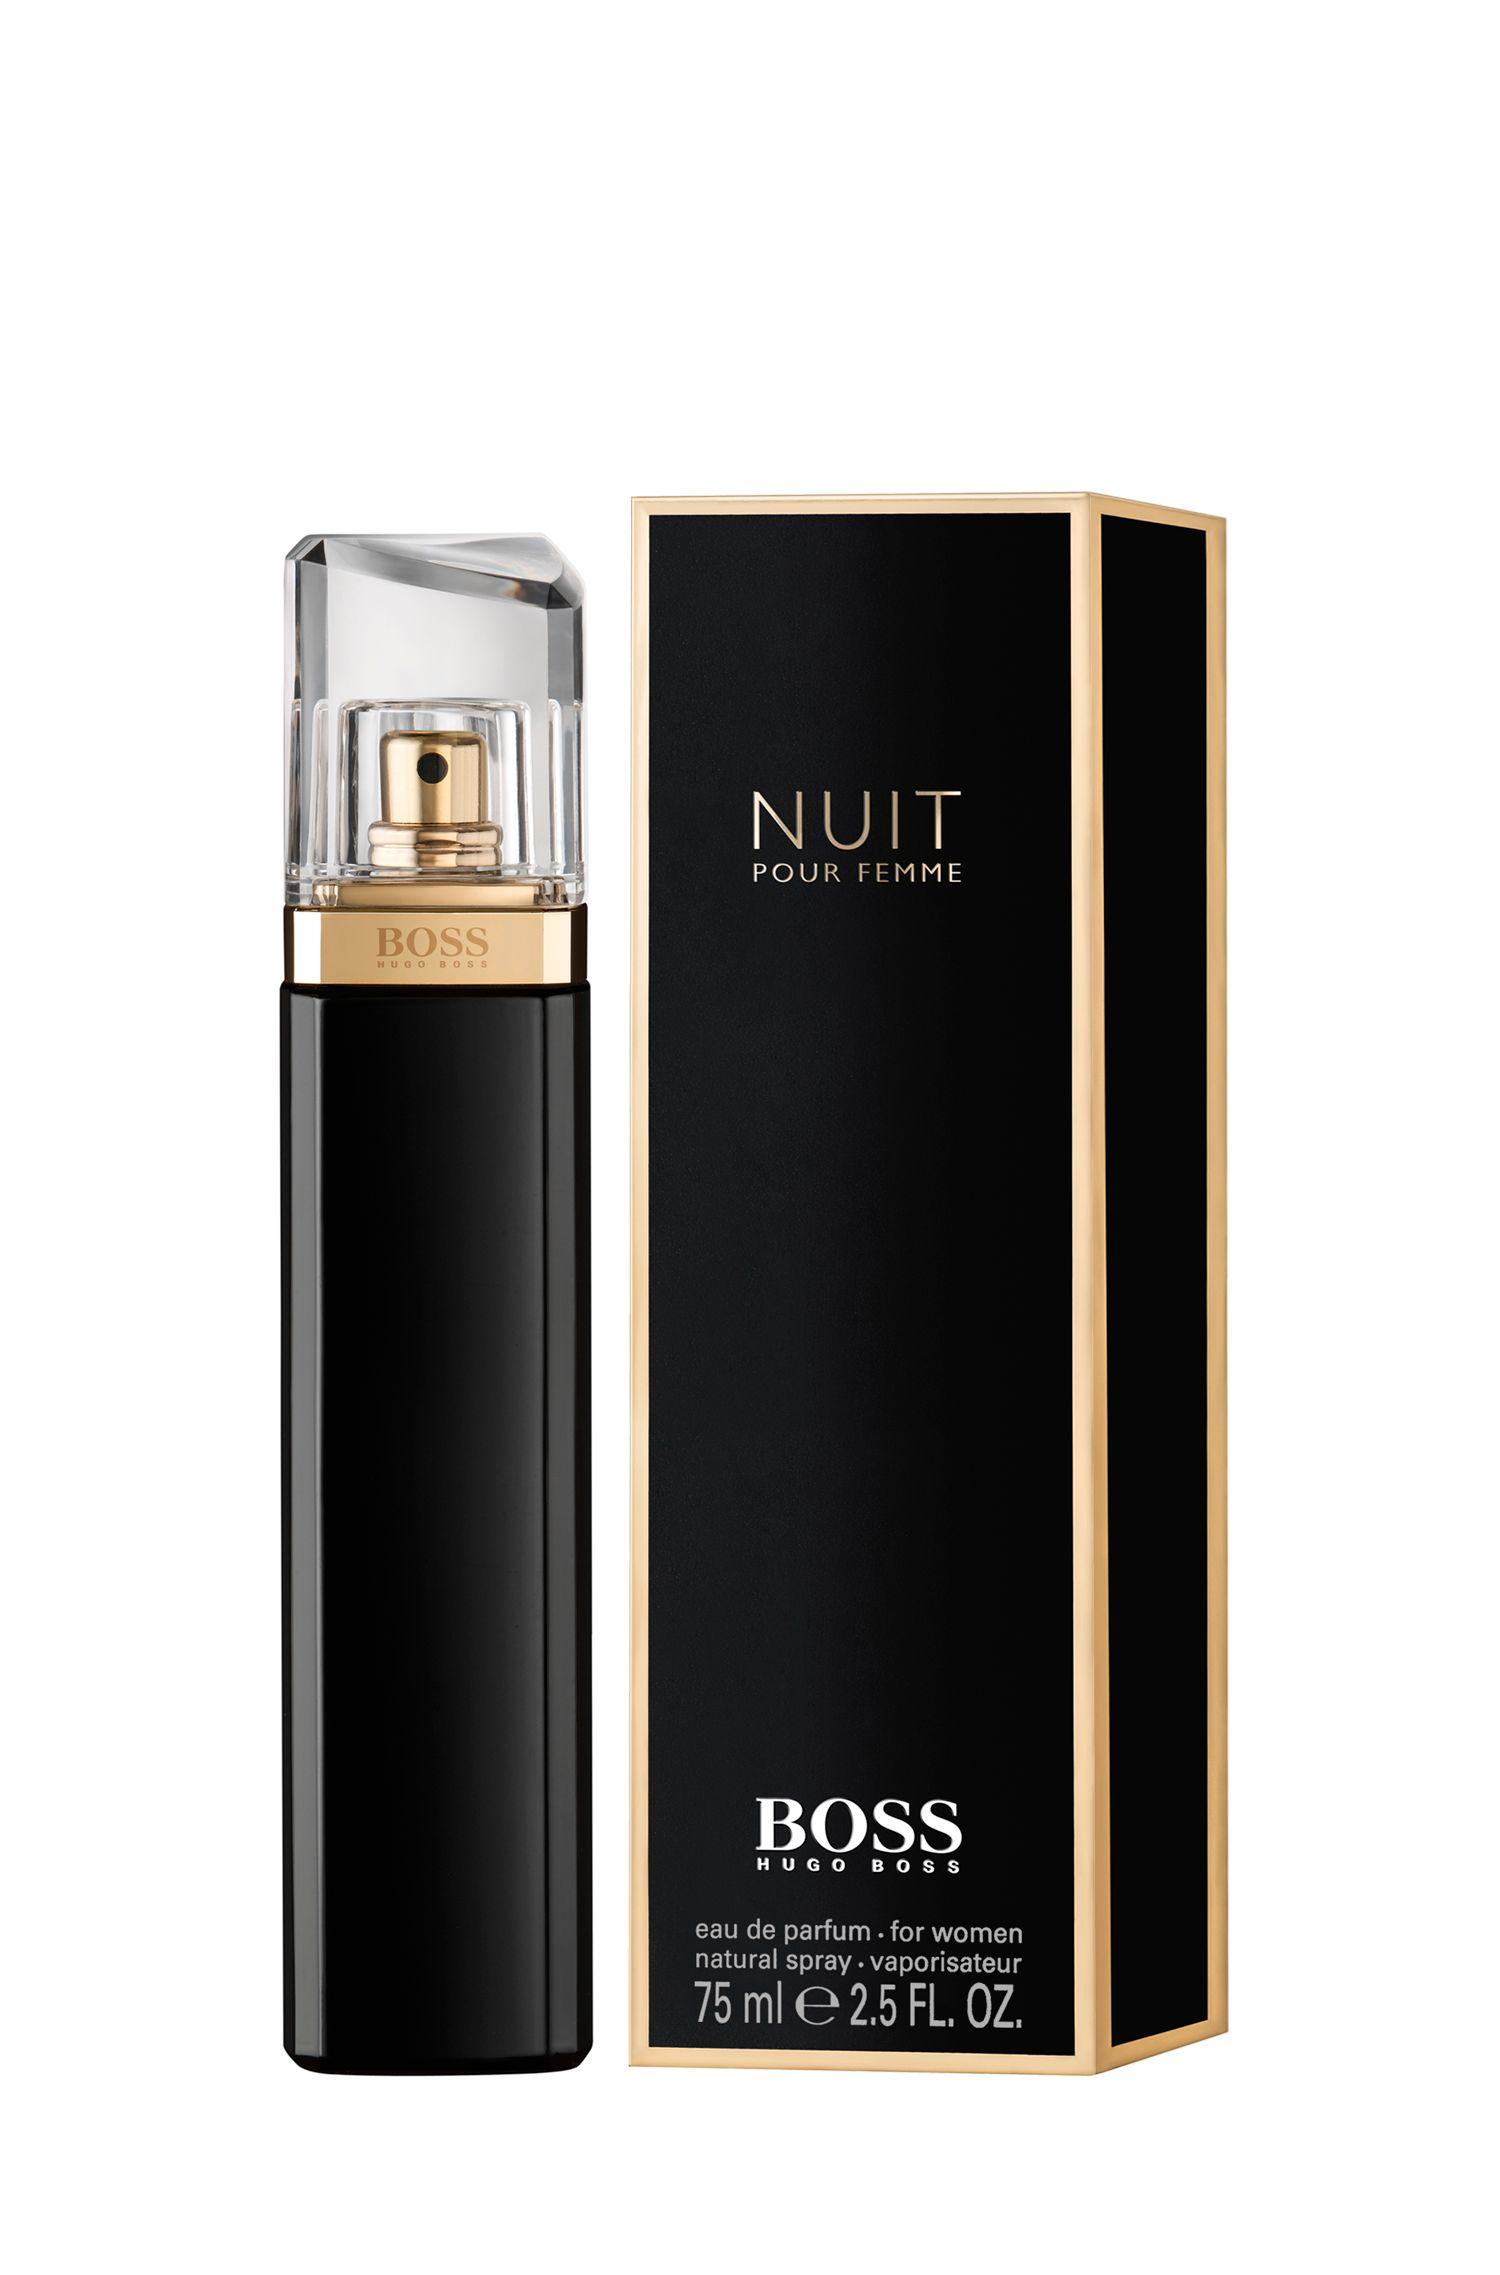 Eau de parfum BOSS Nuit pour femme de 75ml